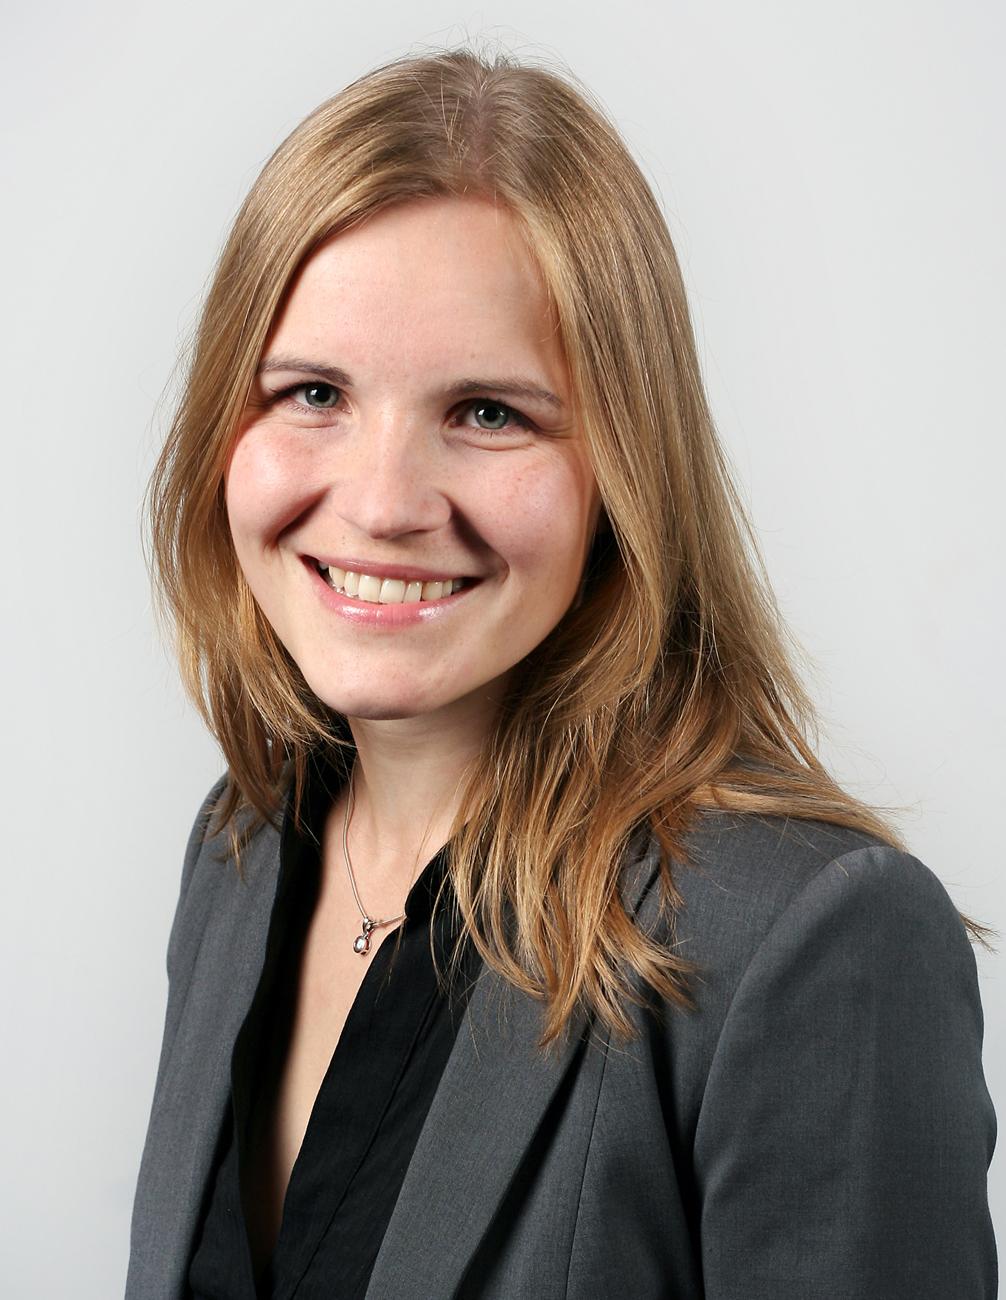 Susan Höntzsch